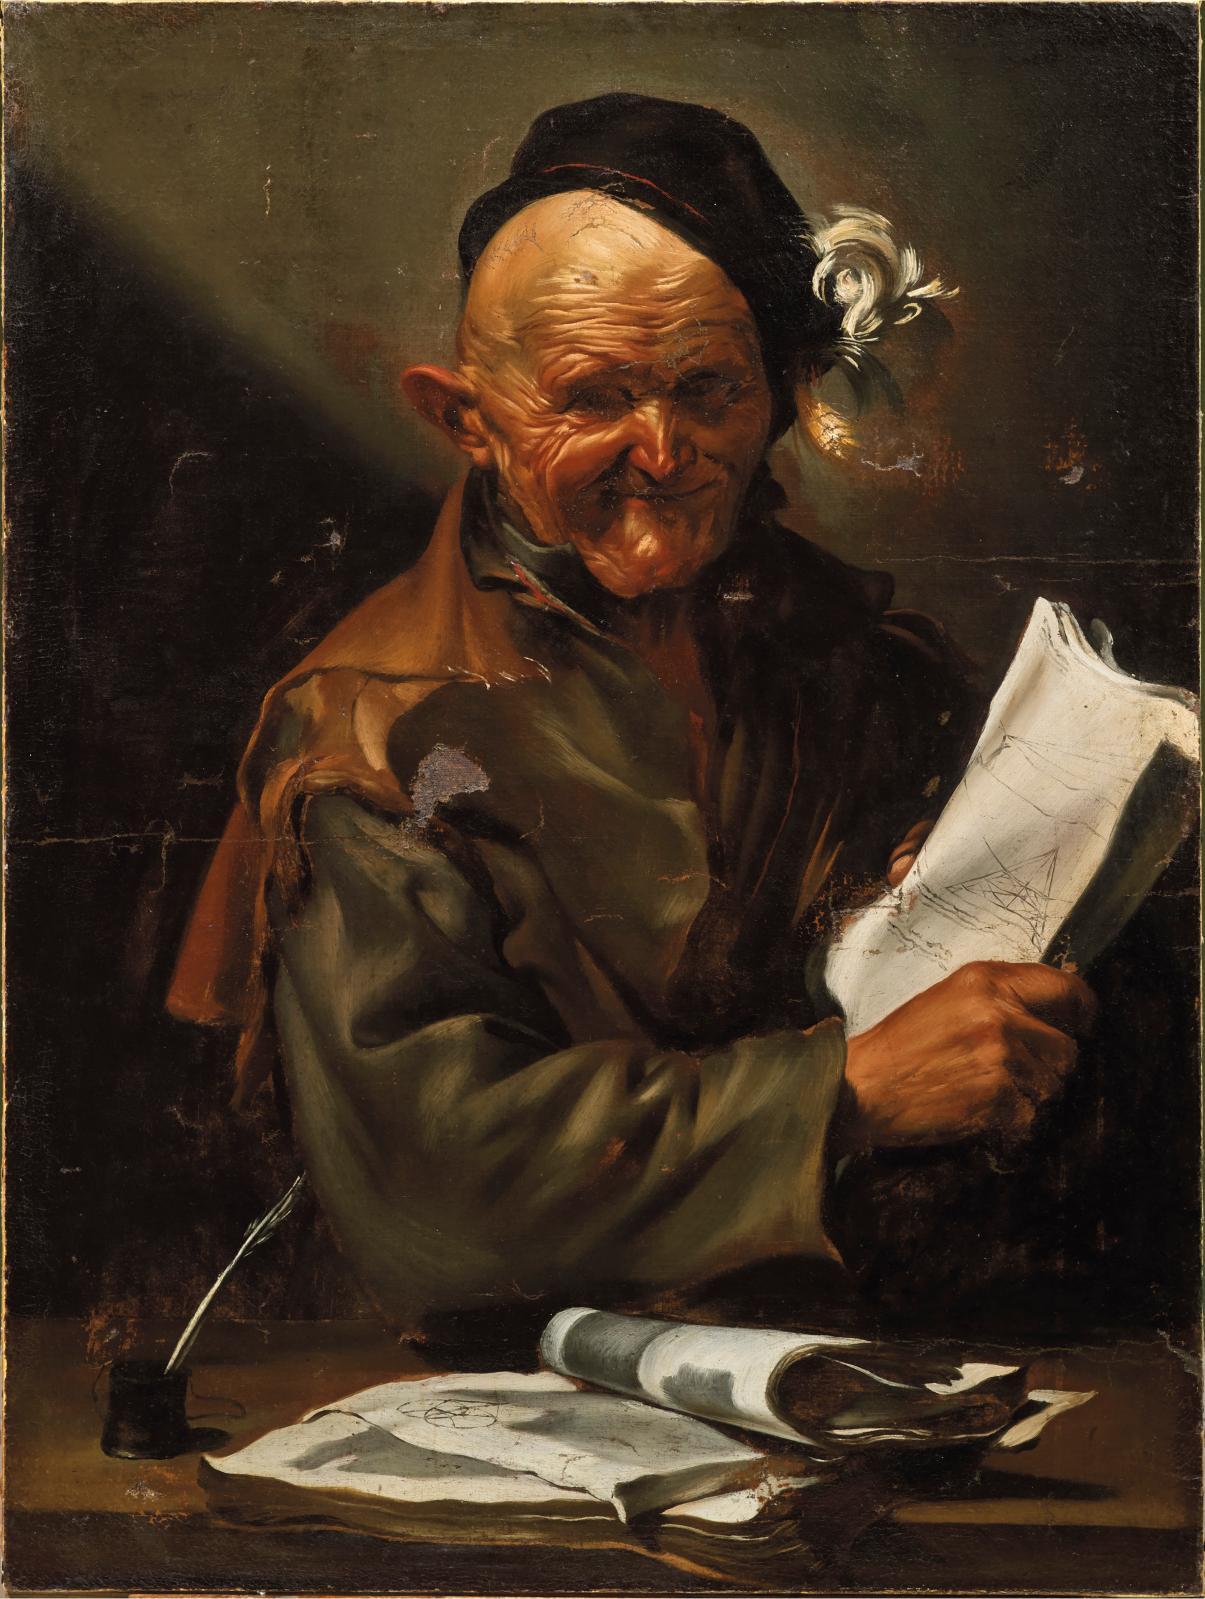 à savoir Jusepe de Ribera, Un philosophe: l'heureux géomètre, vers 1612-1615, toile, 100x75,5cm. Vendredi27 mars, salle4, Drouot-Ric